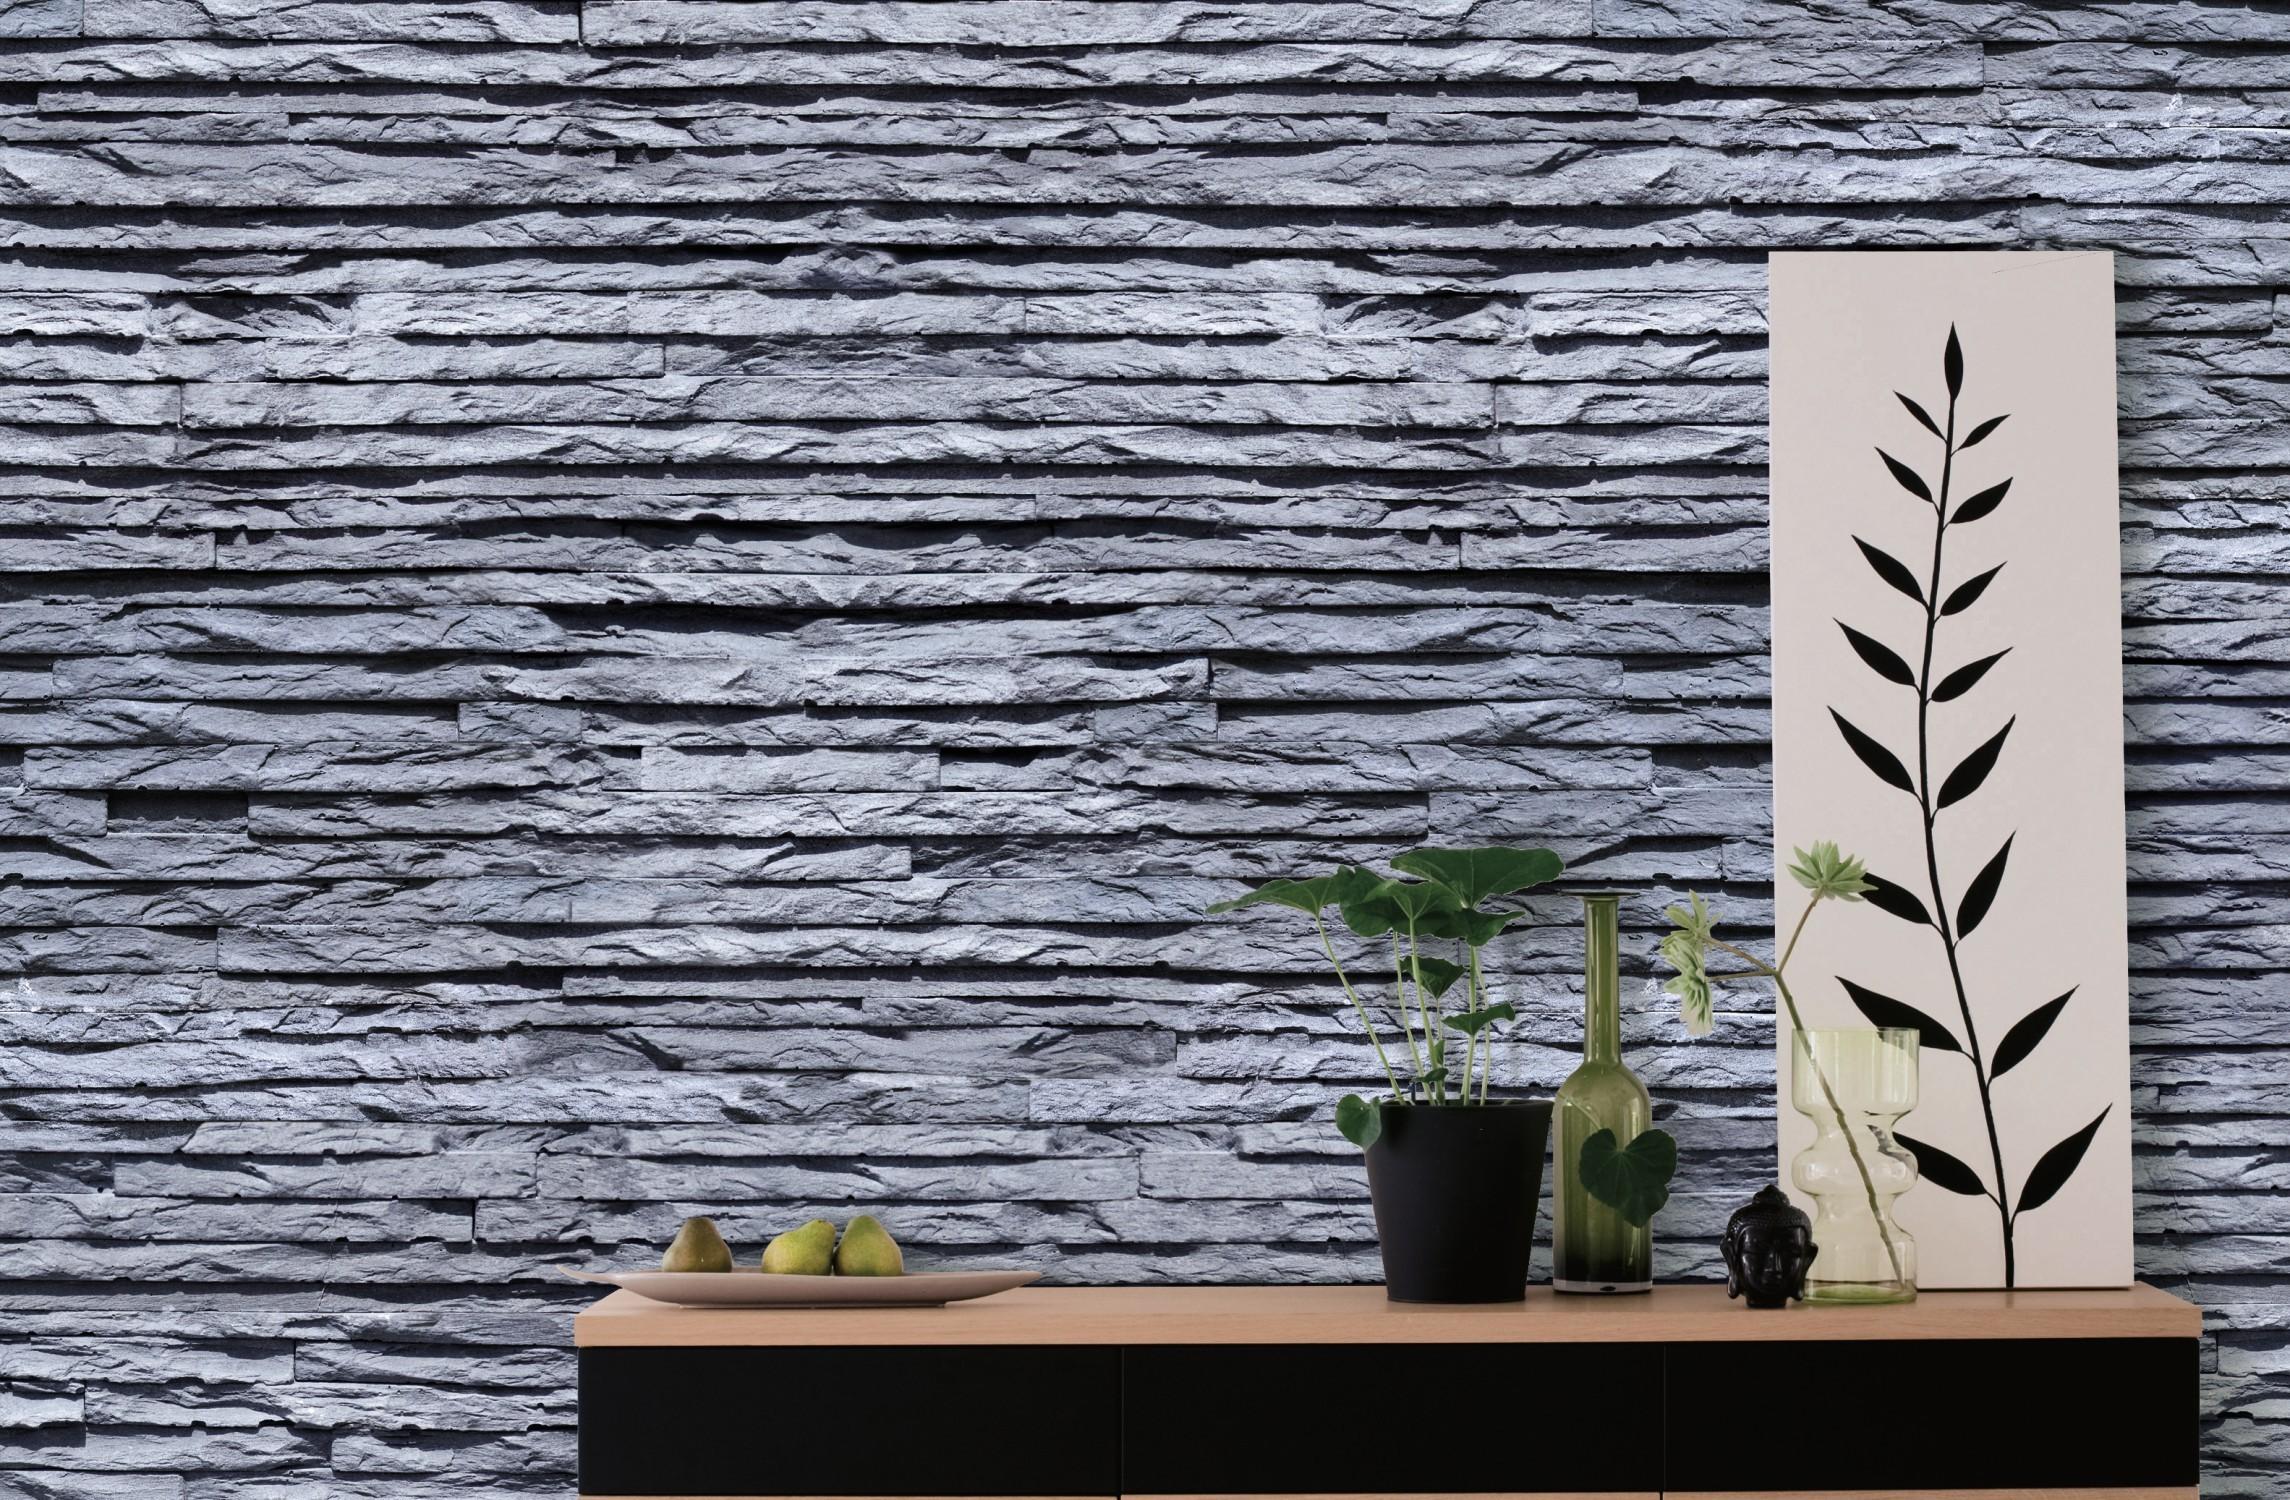 L'ardoise est le matériau déco tendance sur les murs de la maison. Avec ce papier peint imitation pierre d'ardoise en lames bleutés on peut se faire plaisir dans le salonchez Scénolia.